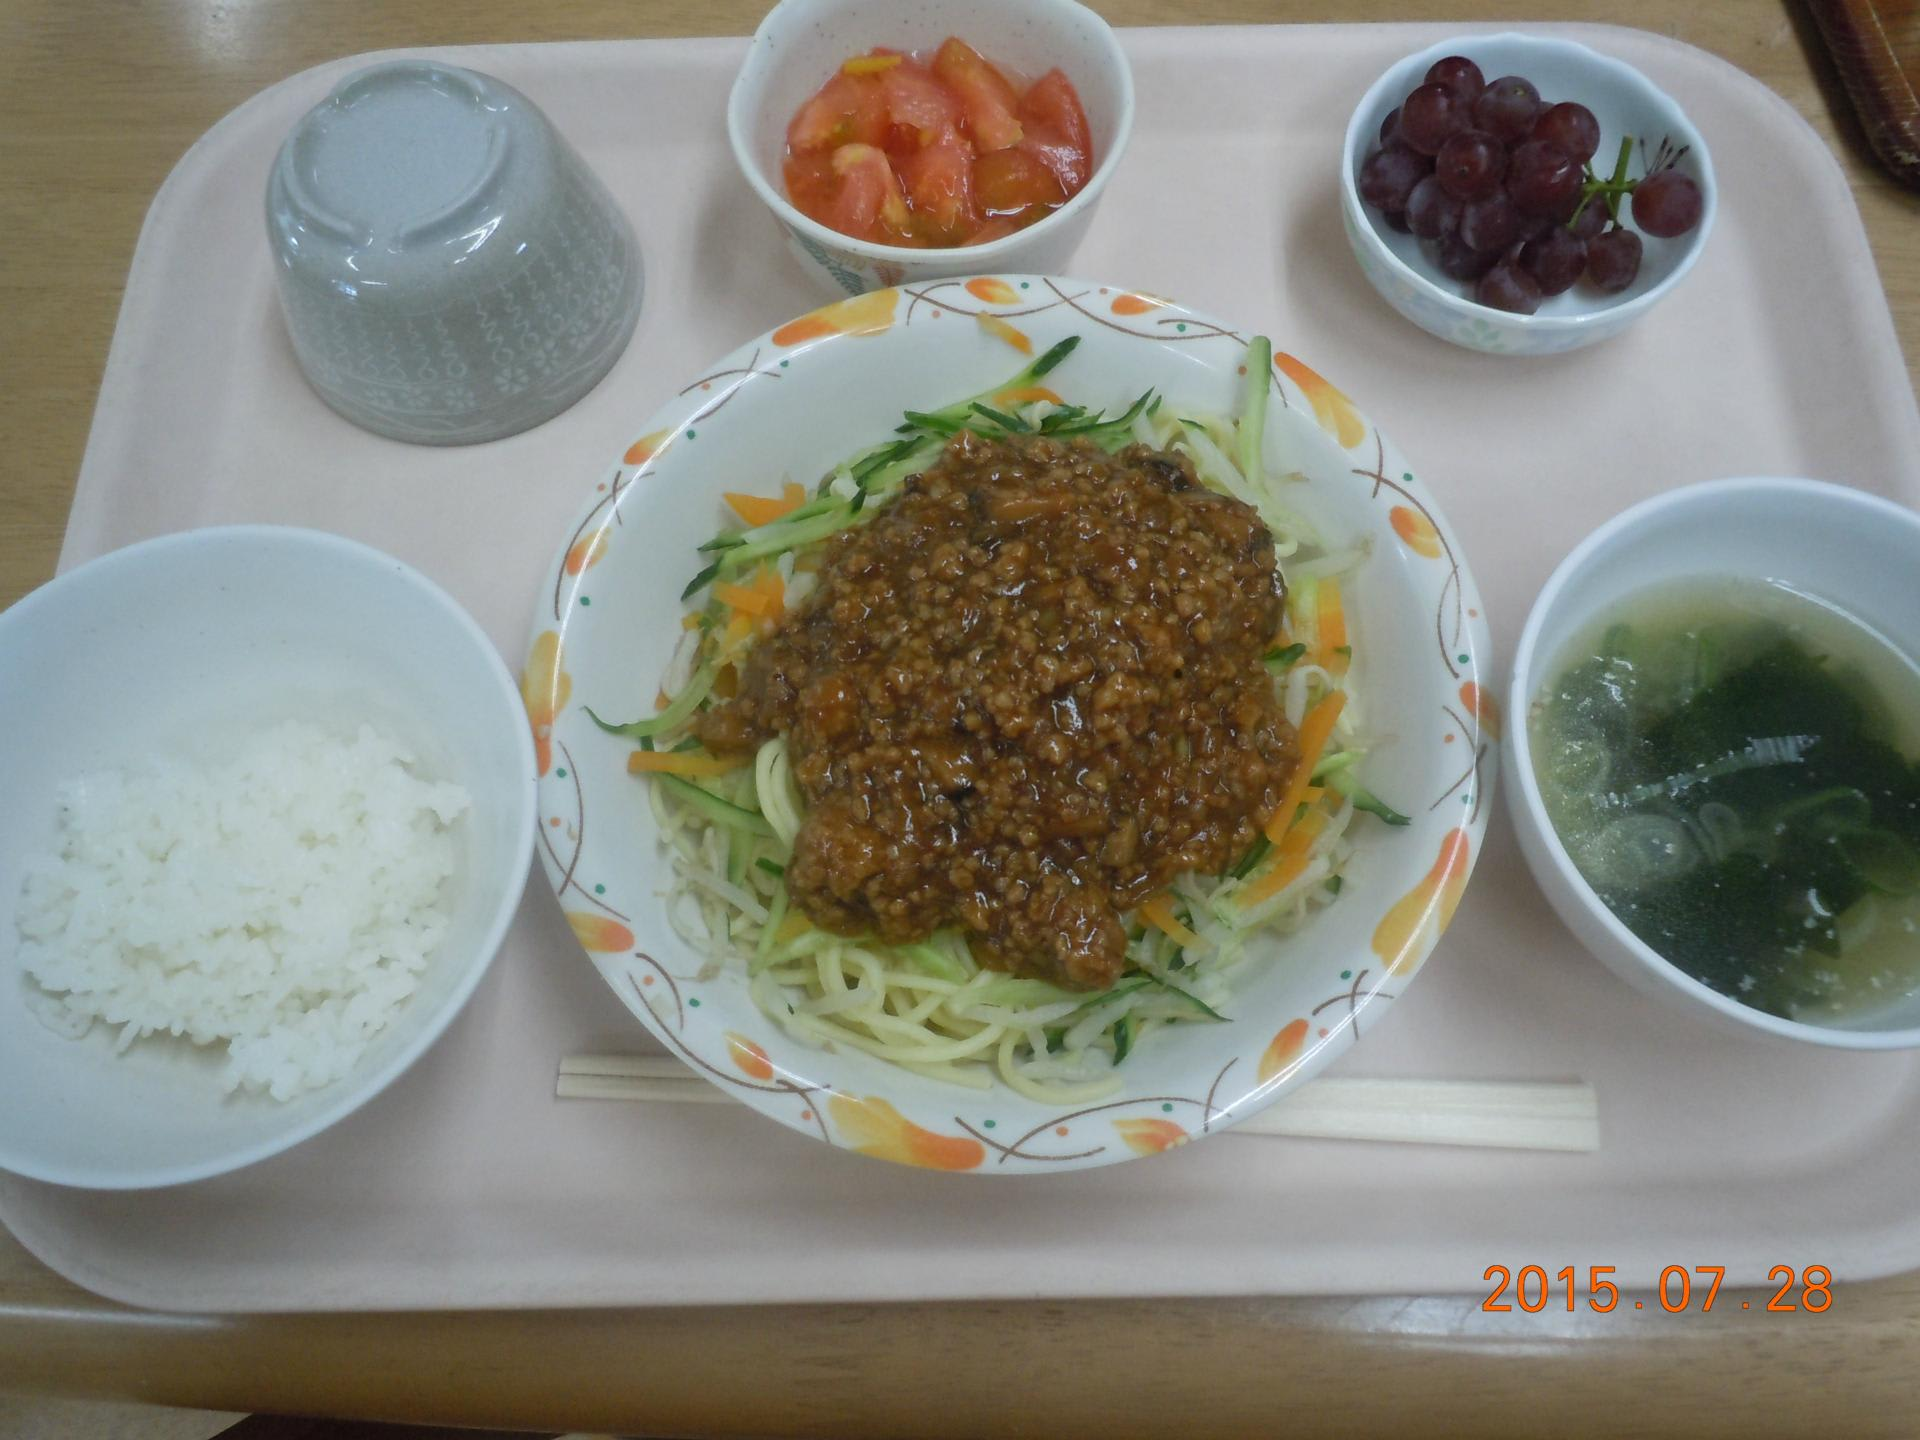 7/28 ジャージャー麺 トマトの甘酢和え わかめスープ